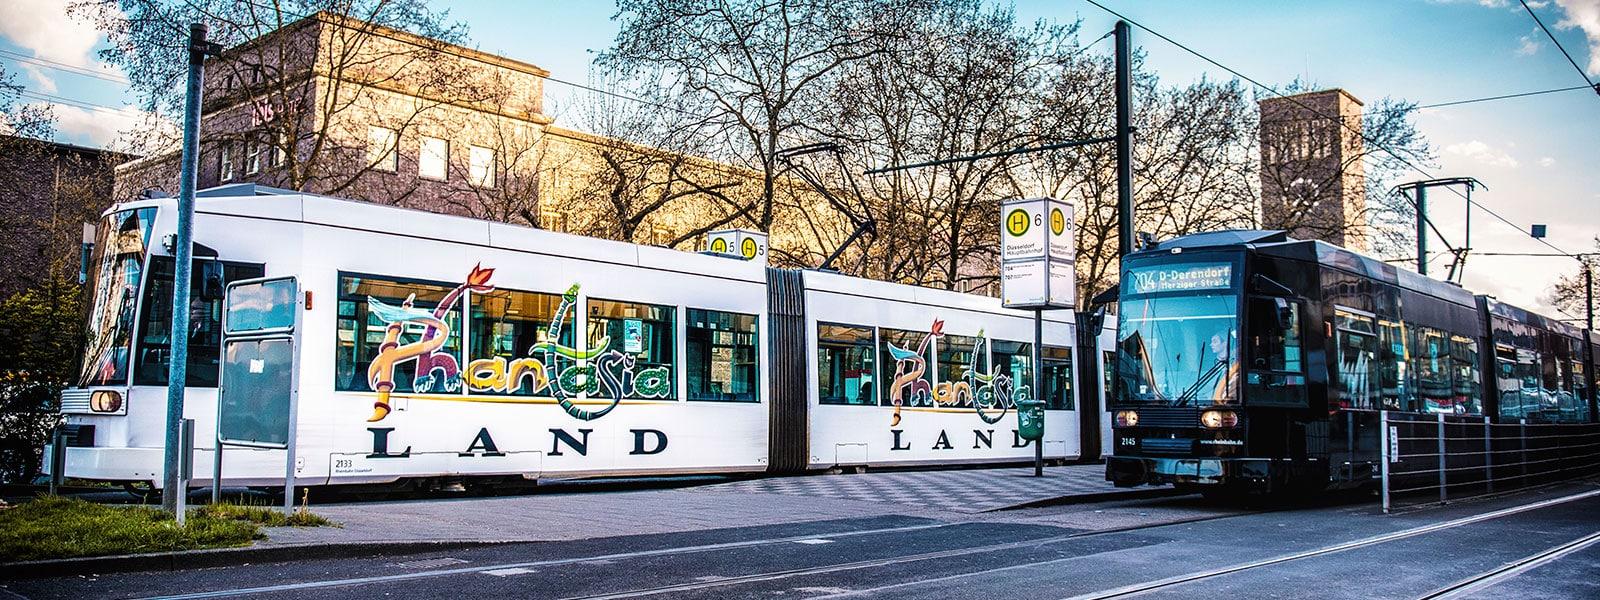 Neuss-Verkehrsmittelwerbung-Bahn-Werbung